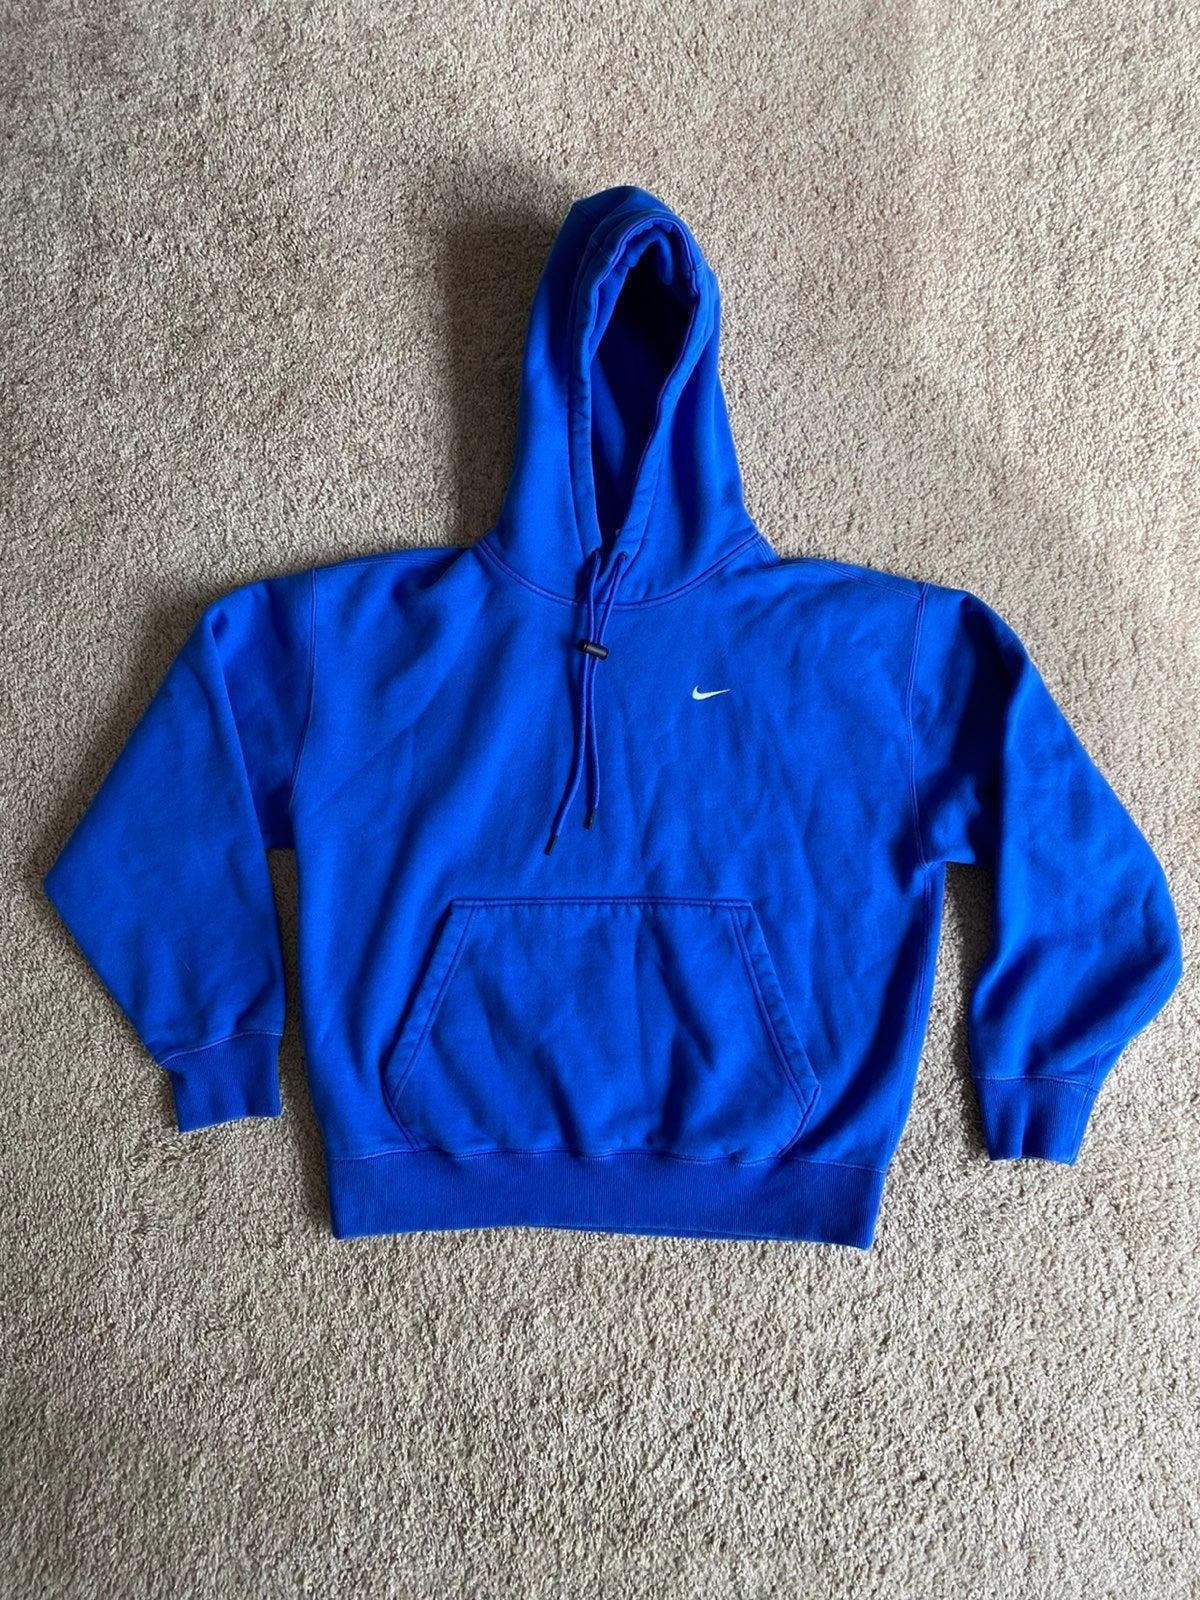 NikeLab Blue Hoodie